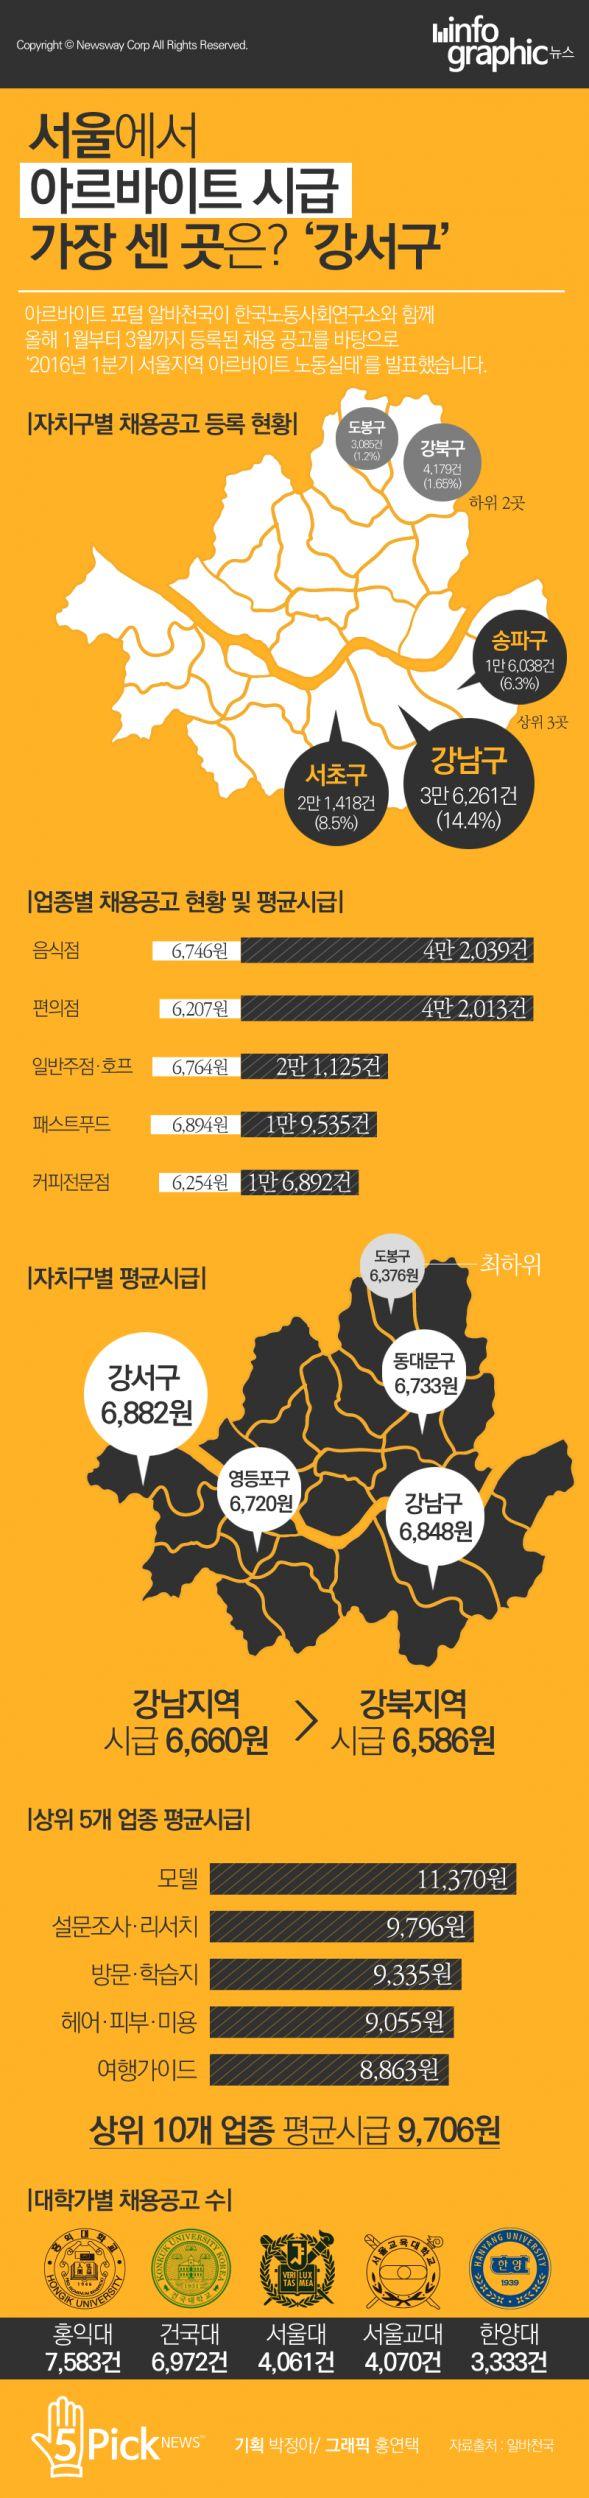 [인포그래픽 뉴스] 서울에서 아르바이트 시급이 가장 센 곳은? - 뉴스웨이